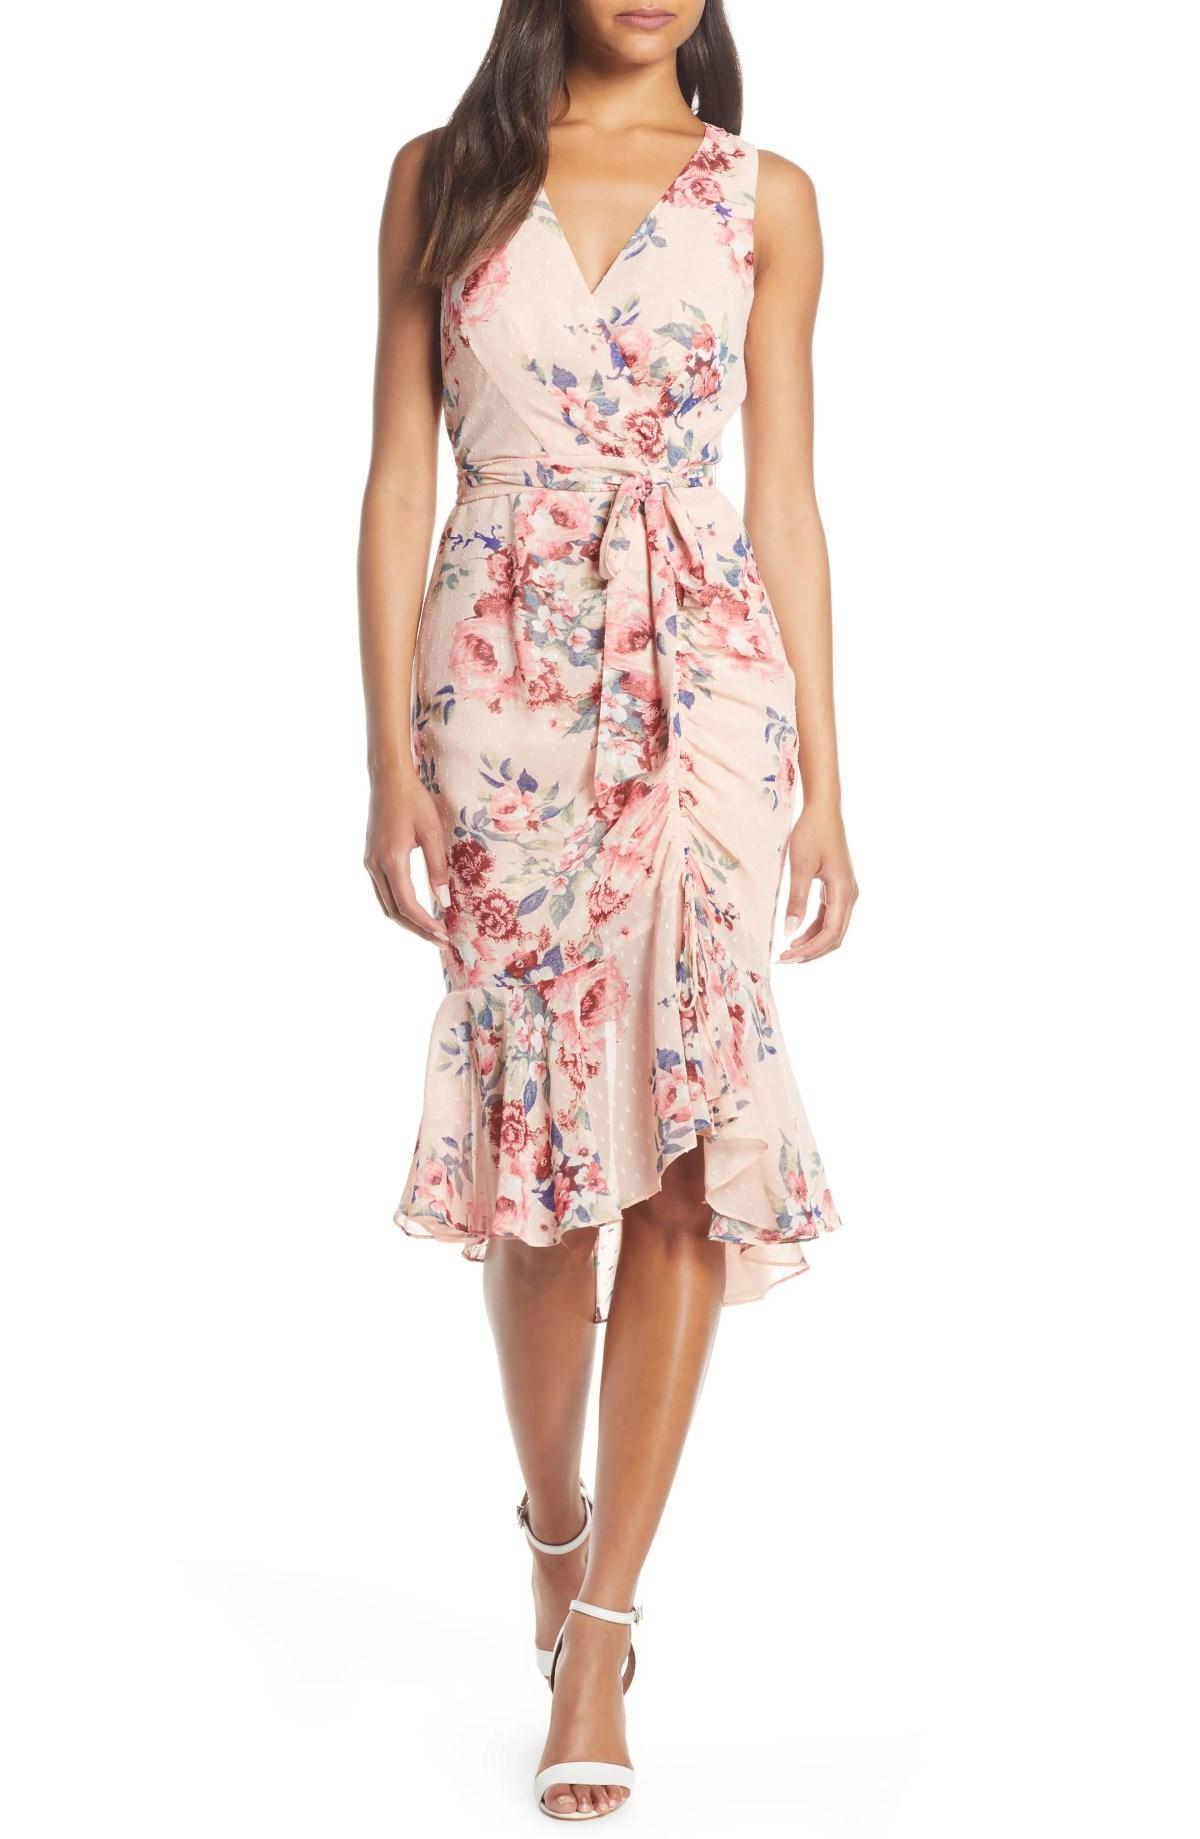 ELIZA J Floral Ruched Chiffon Faux Wrap Dress, Main, color, BLUSH